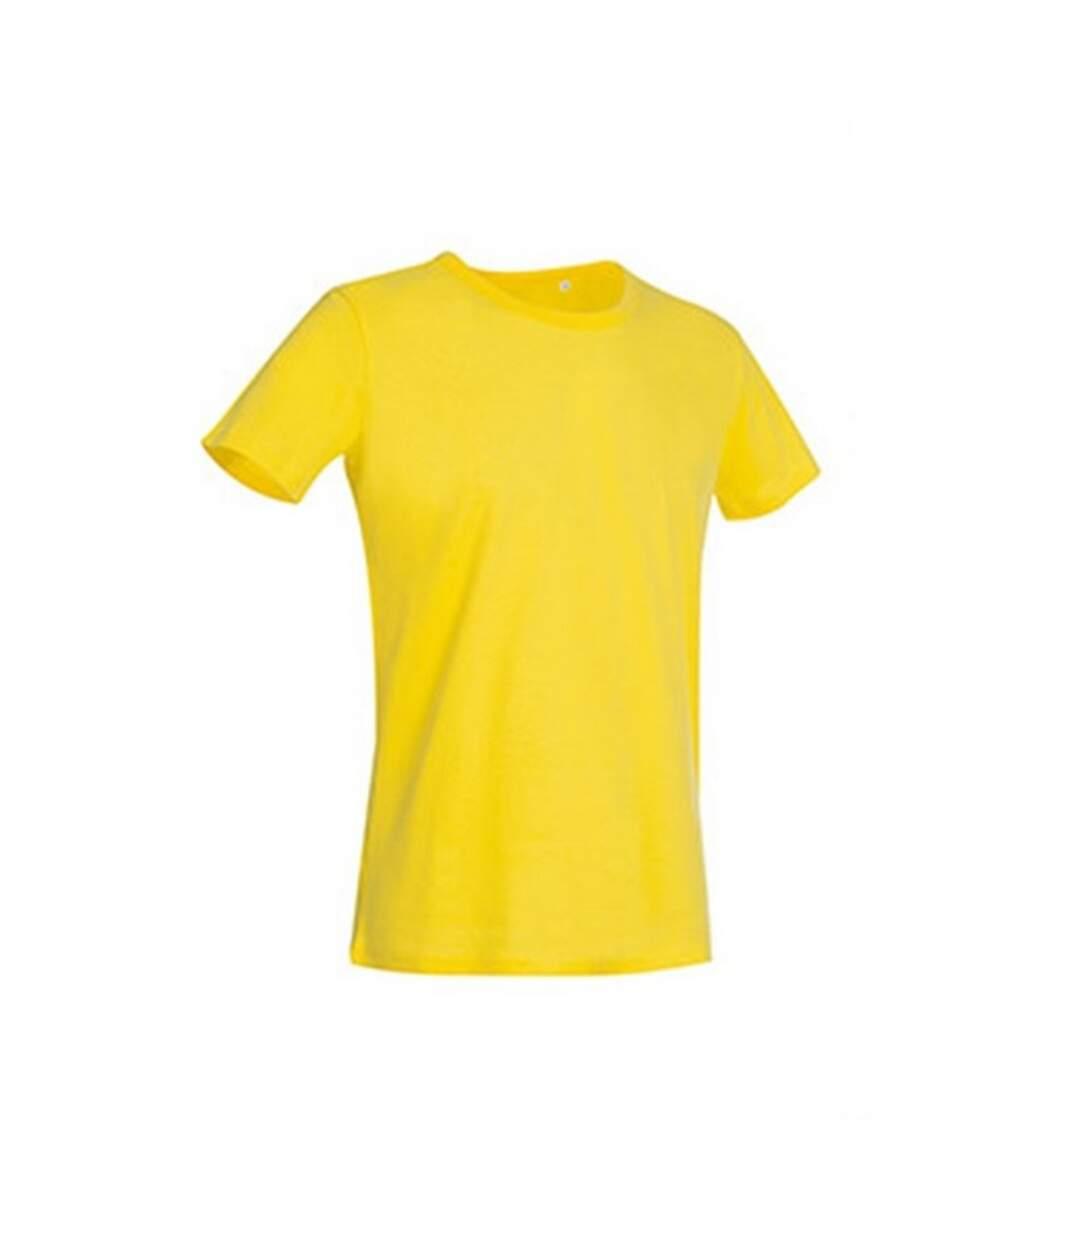 Stedman Mens Stars Ben Crew Neck Tee (Daisy Yellow) - UTAB355